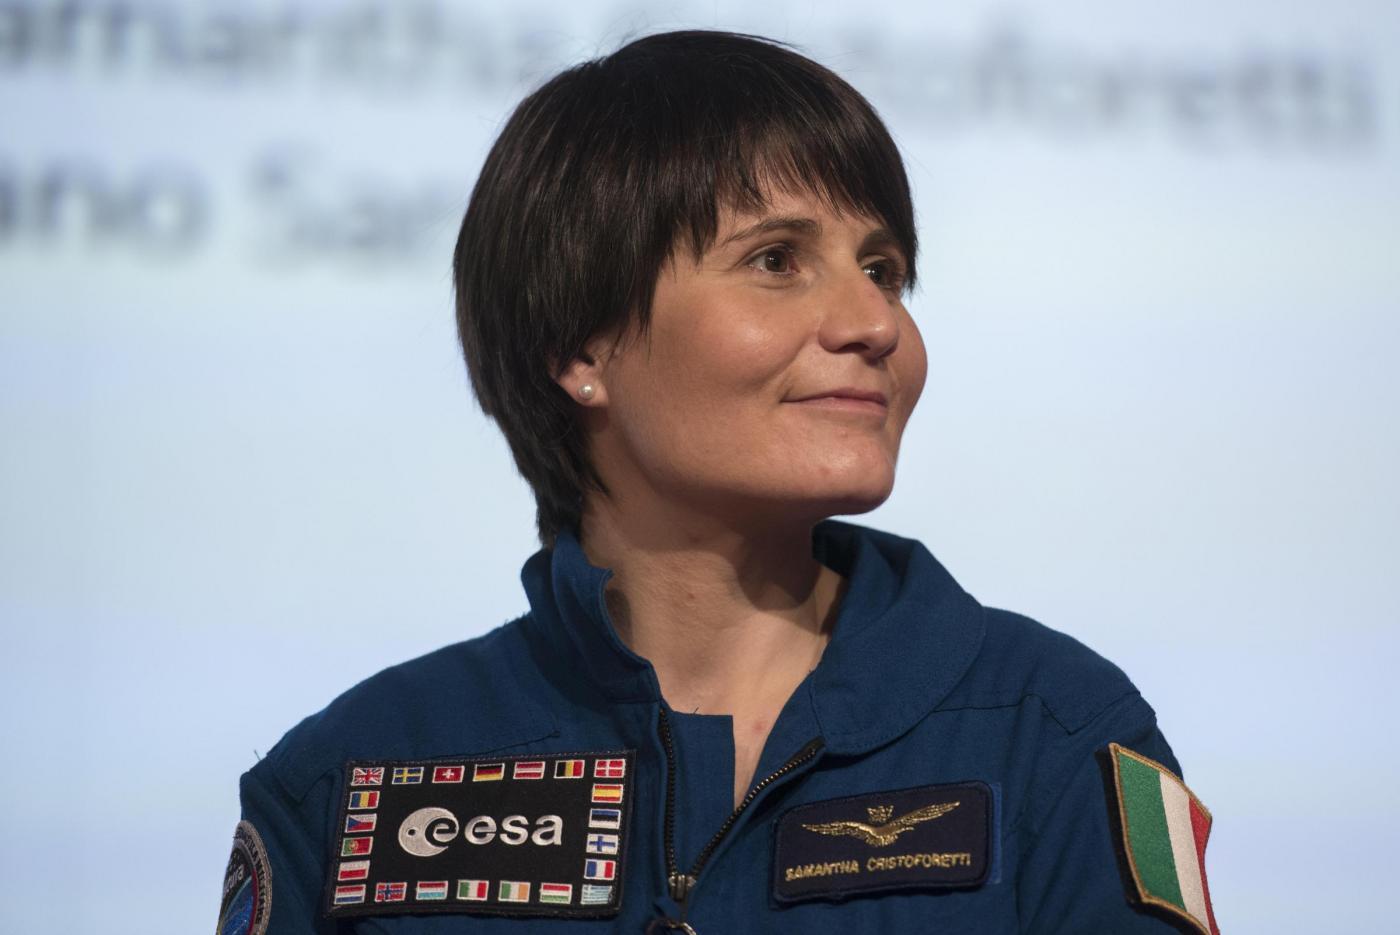 Dal Politecnico di Torino una laurea ad honorem per Samantha Cristoforetti